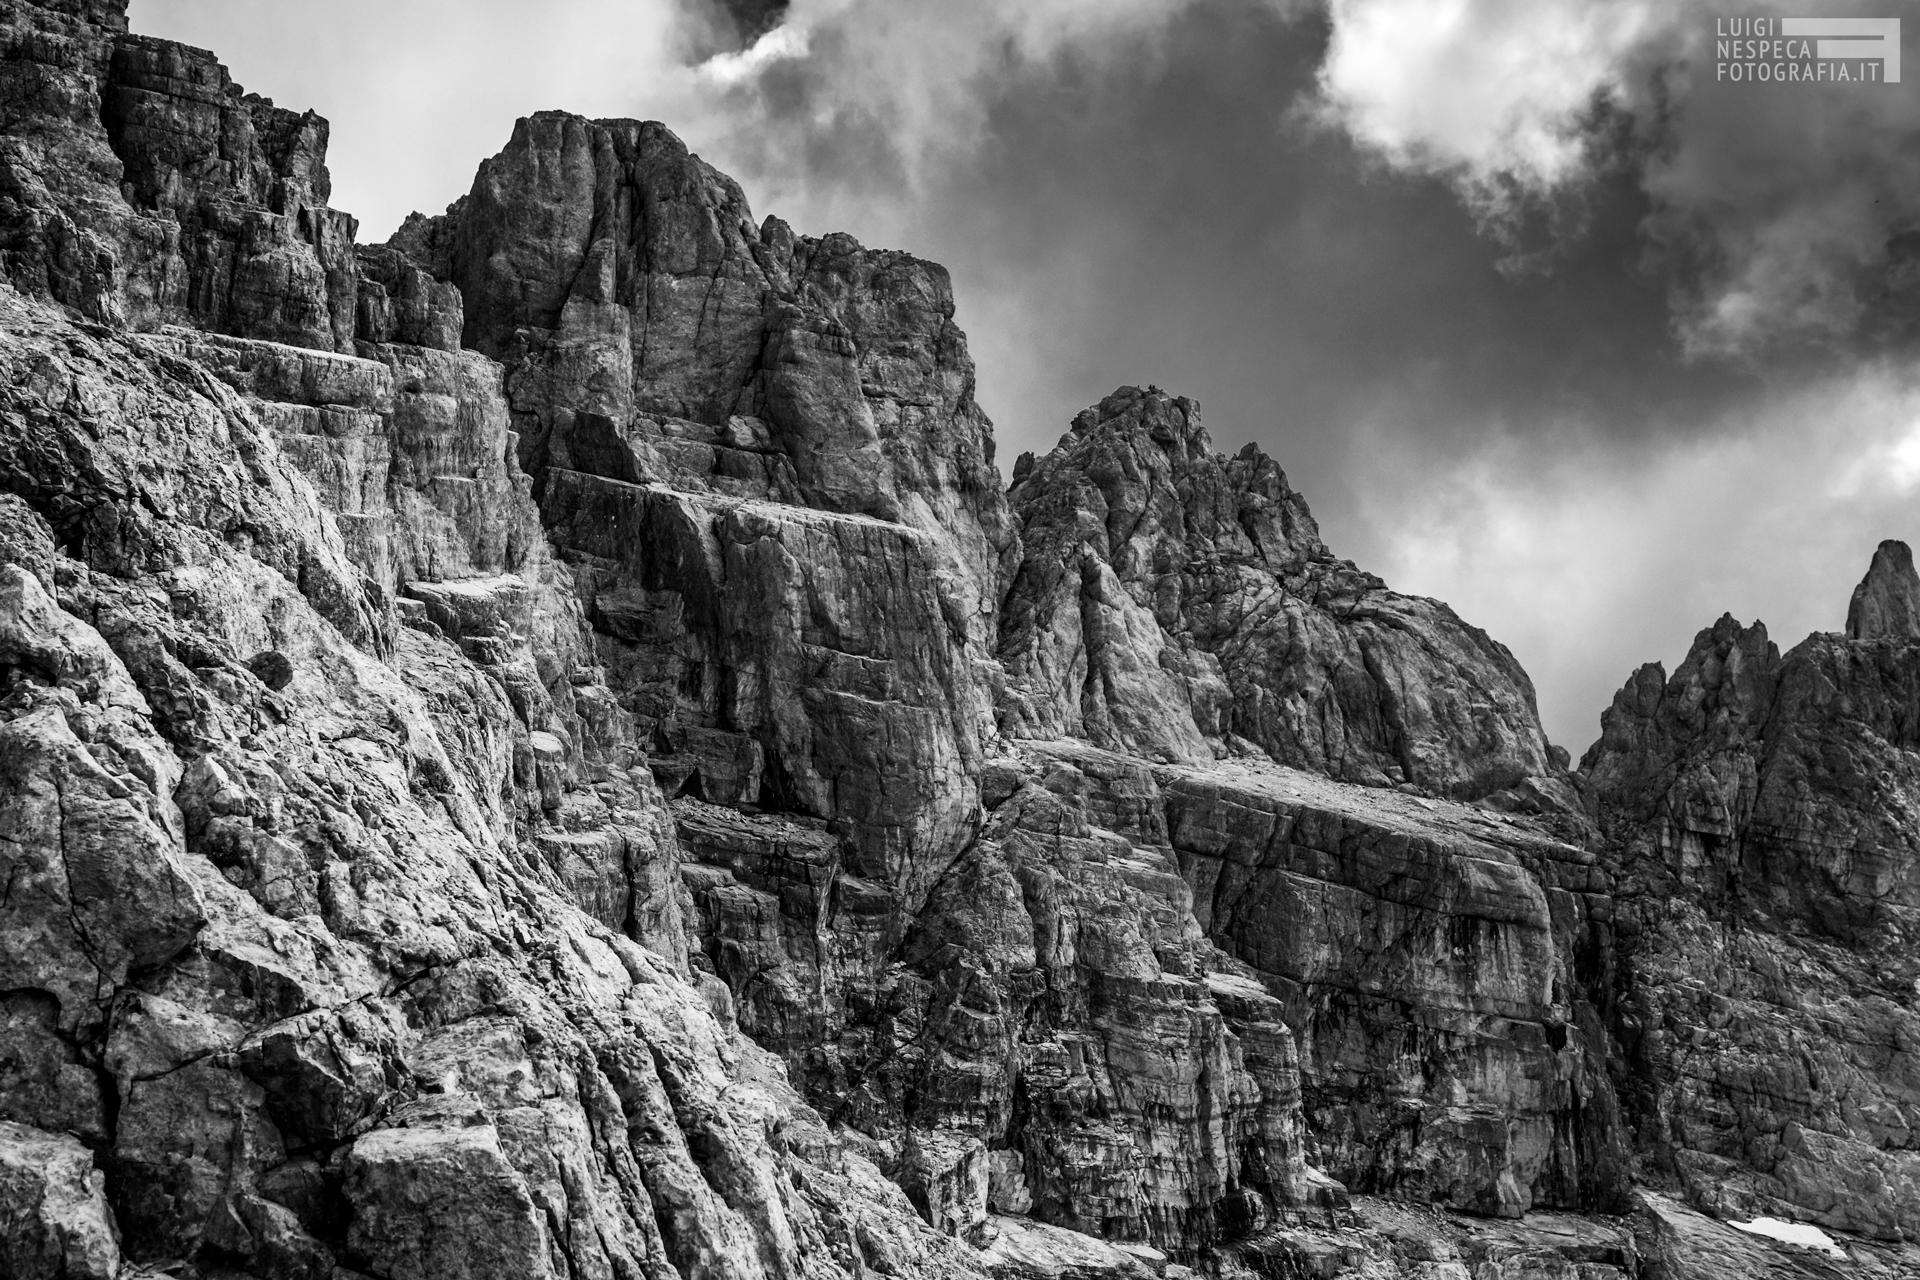 31 - Anfiteatro Glaciale del Corno Grande - Gran Sasso